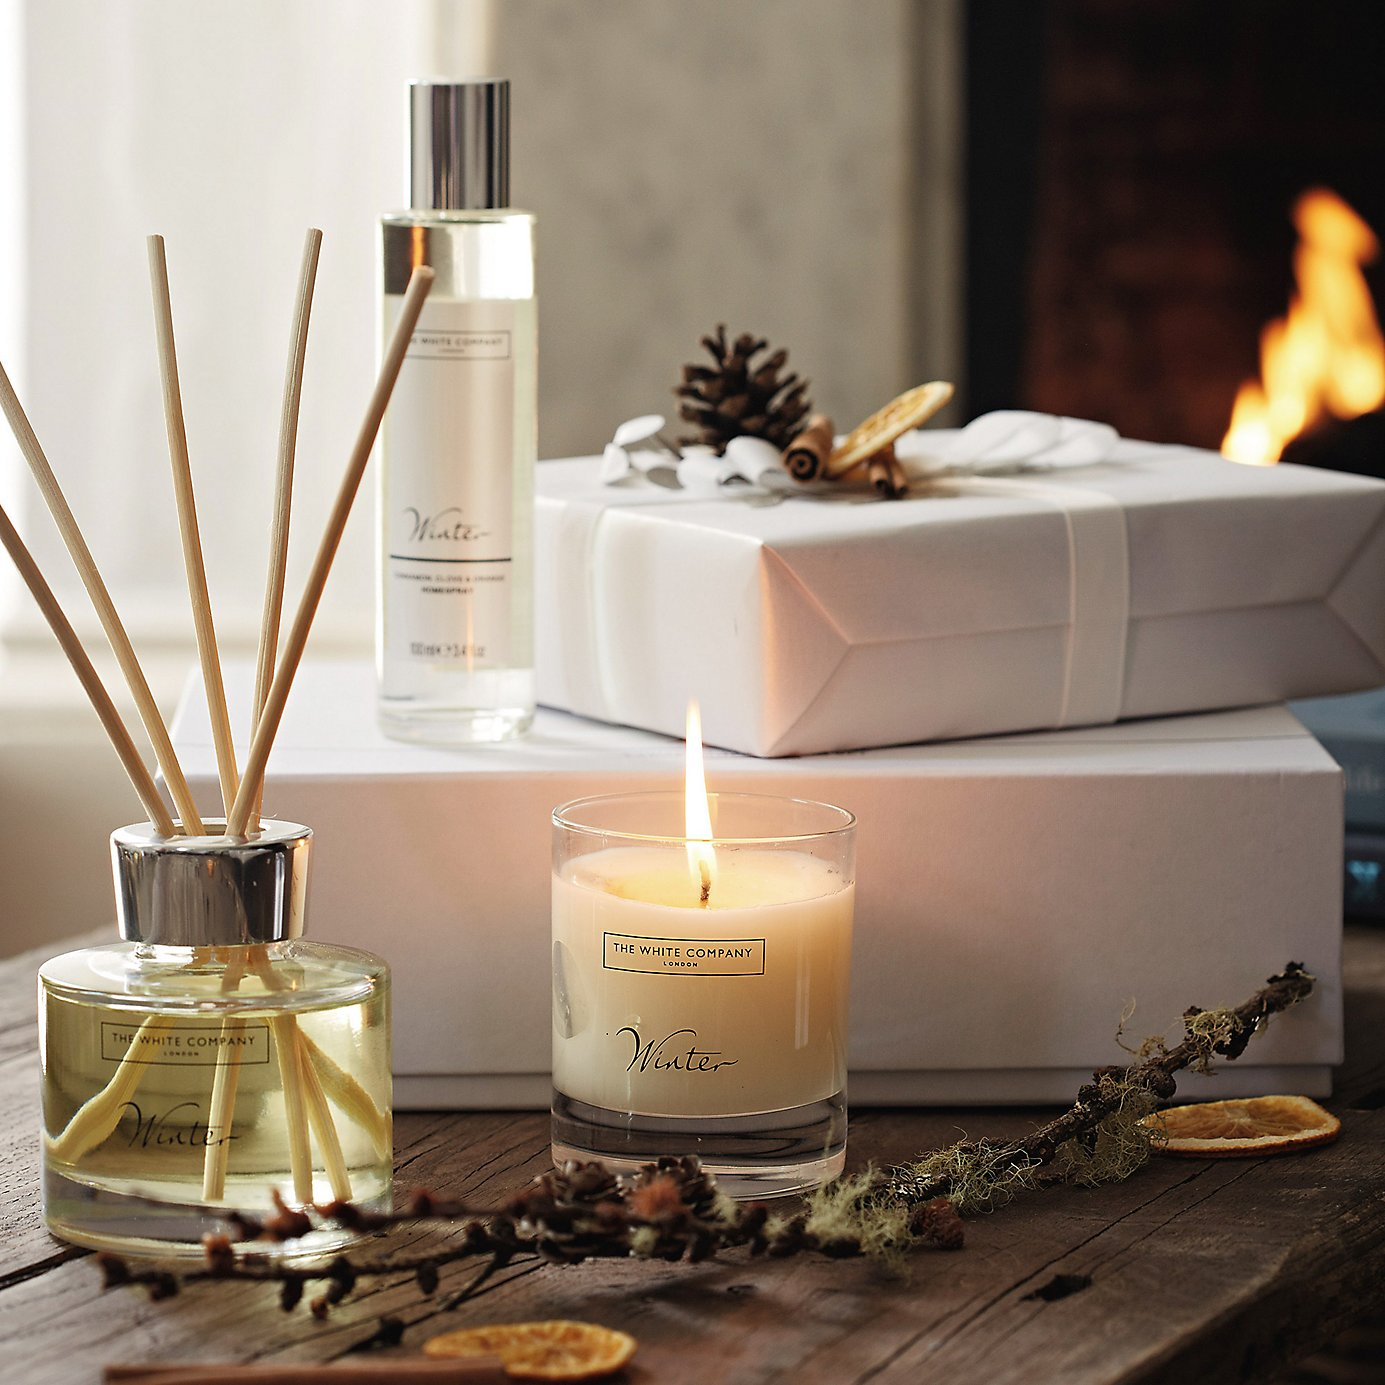 Letošní Vánoce voní po gurmánských ingrediencích s elegantním dotekem smyslných tónů luxusní kůže, kadidla a vzácných dřev.